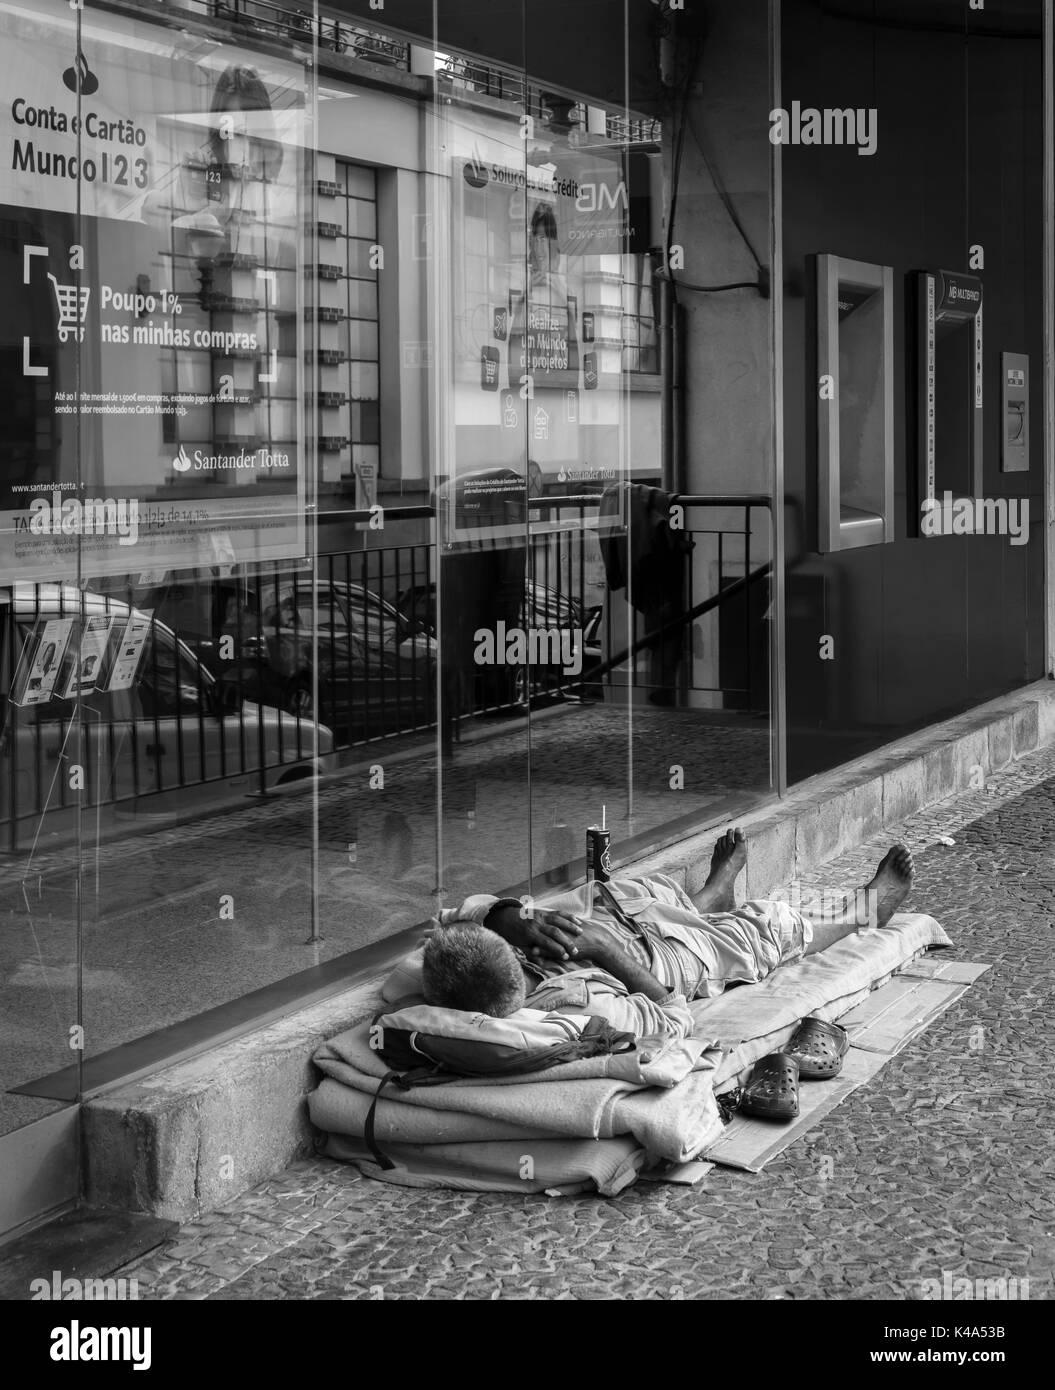 Homeless - Stock Image